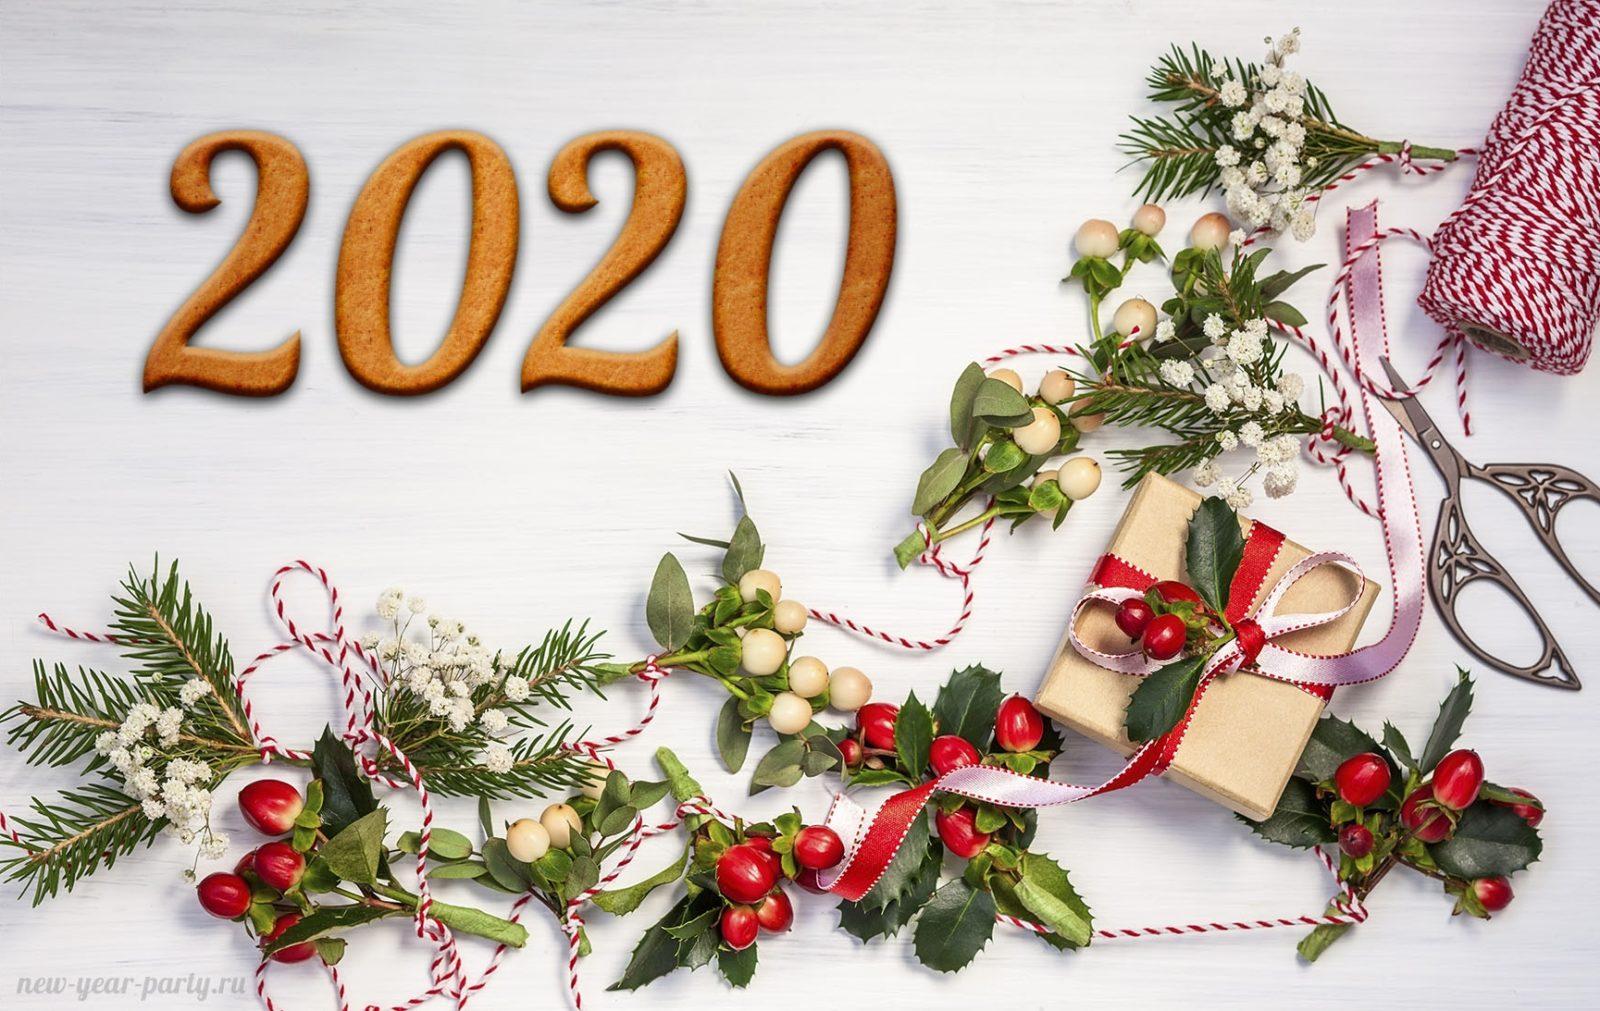 Вихідні на Новий рік: як відпочиватимуть українці